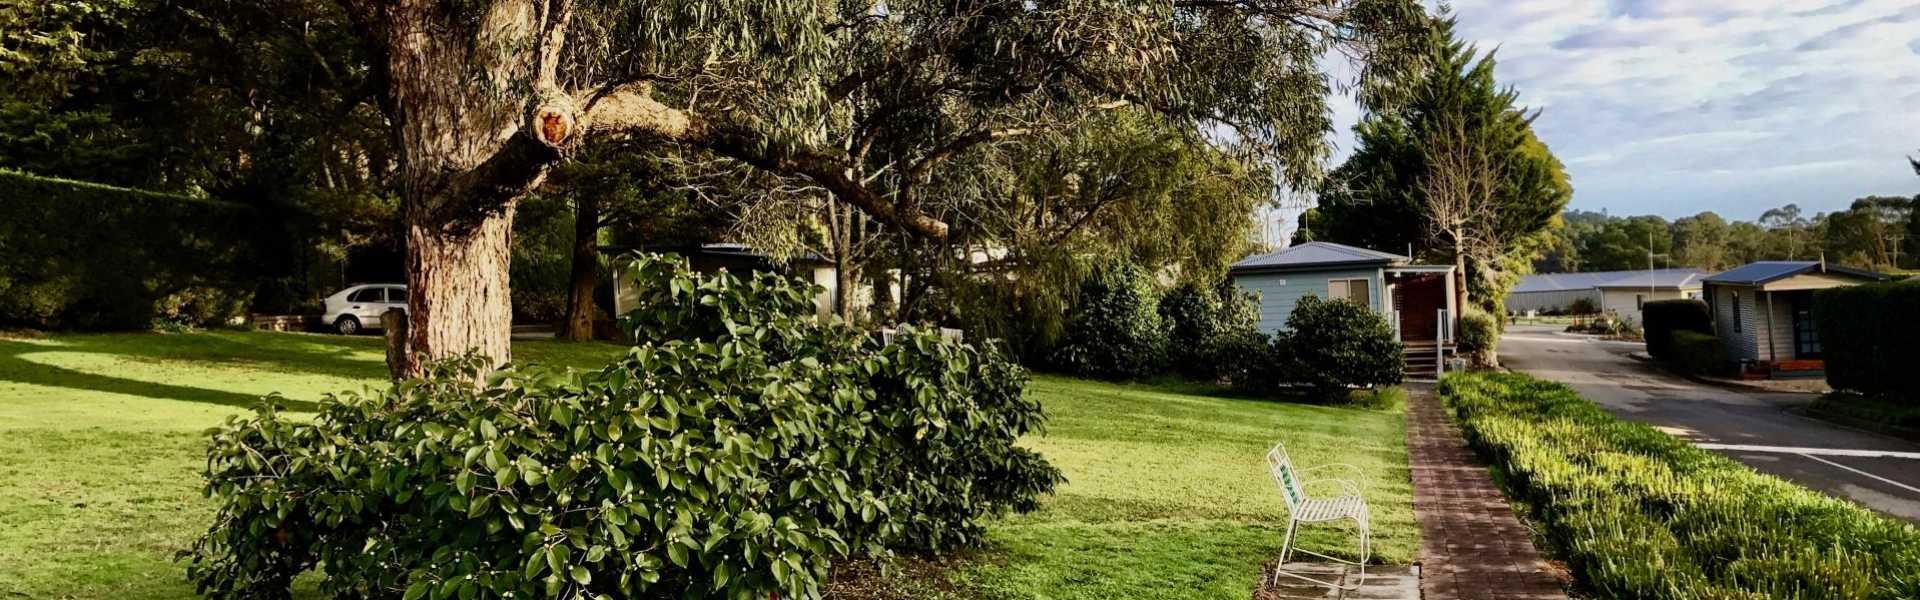 Kui Parks, Lilydale Pine Hill Caravan Park, Gardens